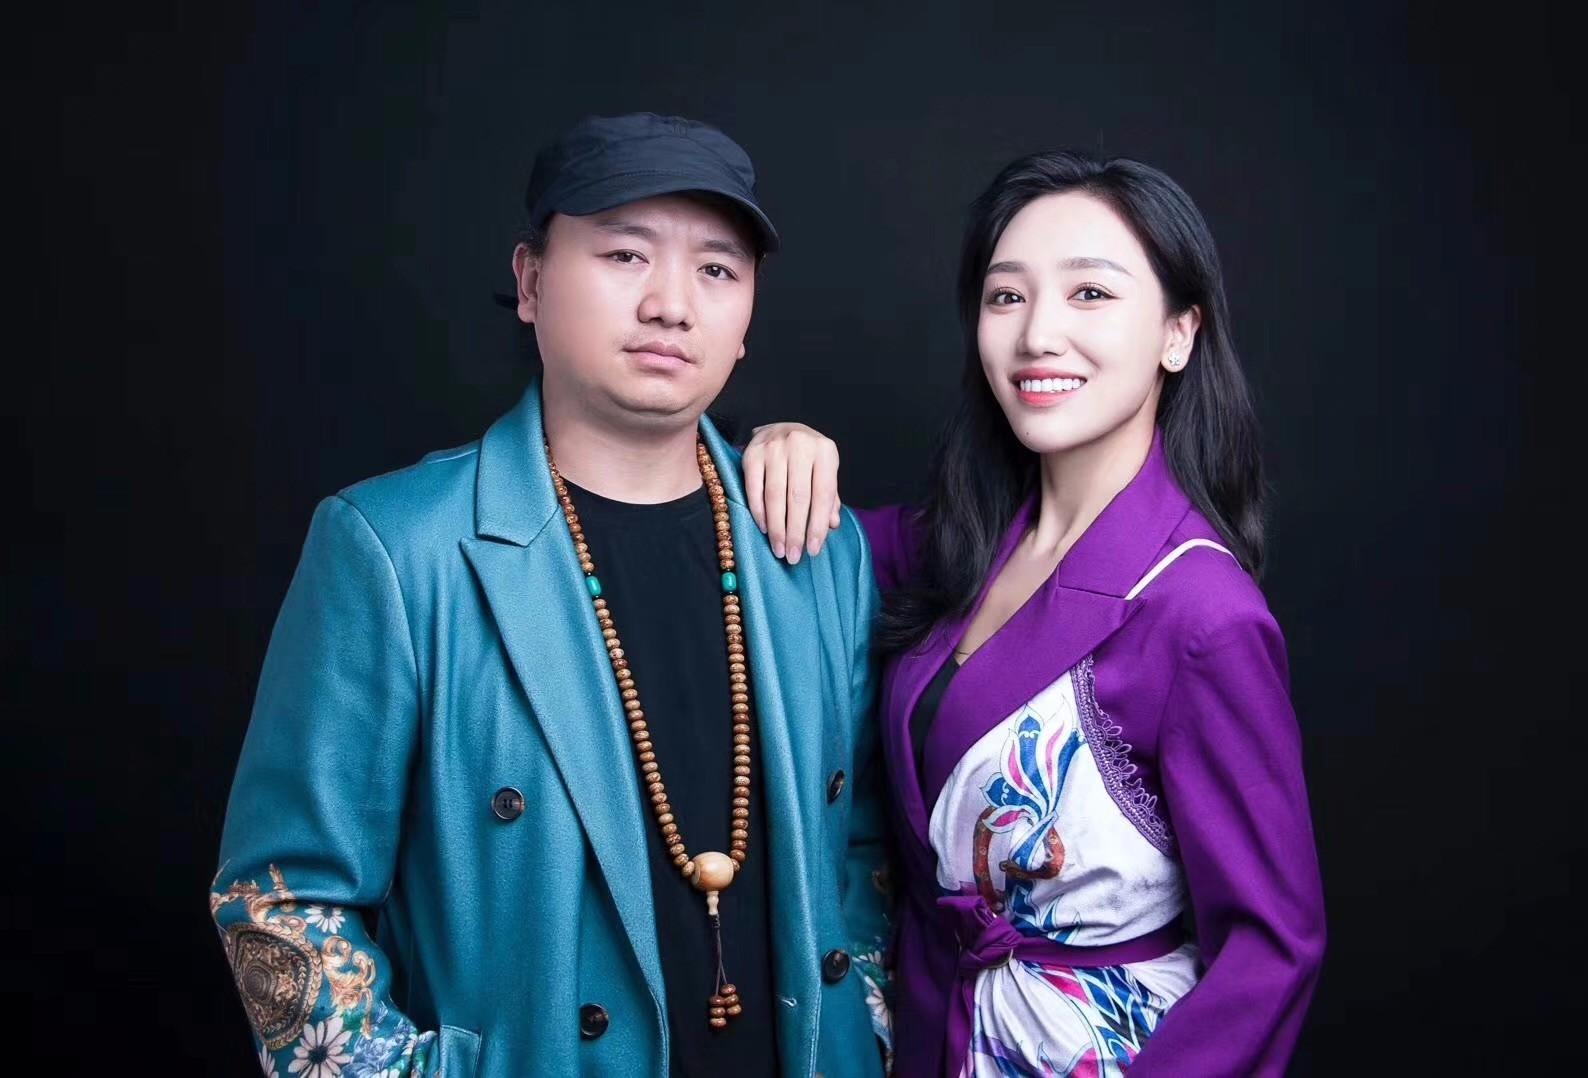 """继歌手大壮后天生兄妹组合成员西部杨刚进入""""老赖""""名单"""